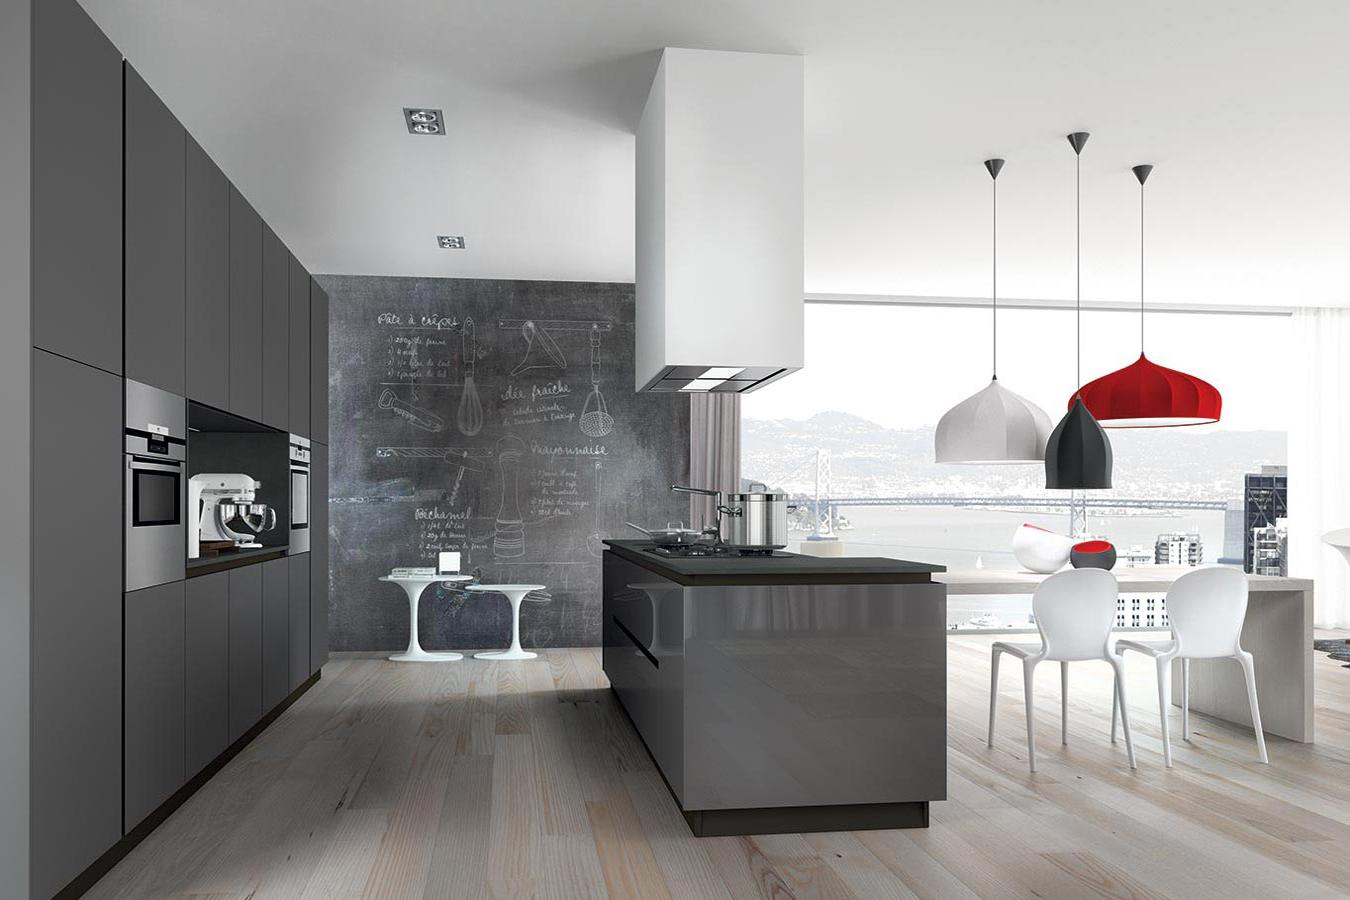 Cucina glass di arredo3 righetti mobili novara for Arredo 3 rivenditori